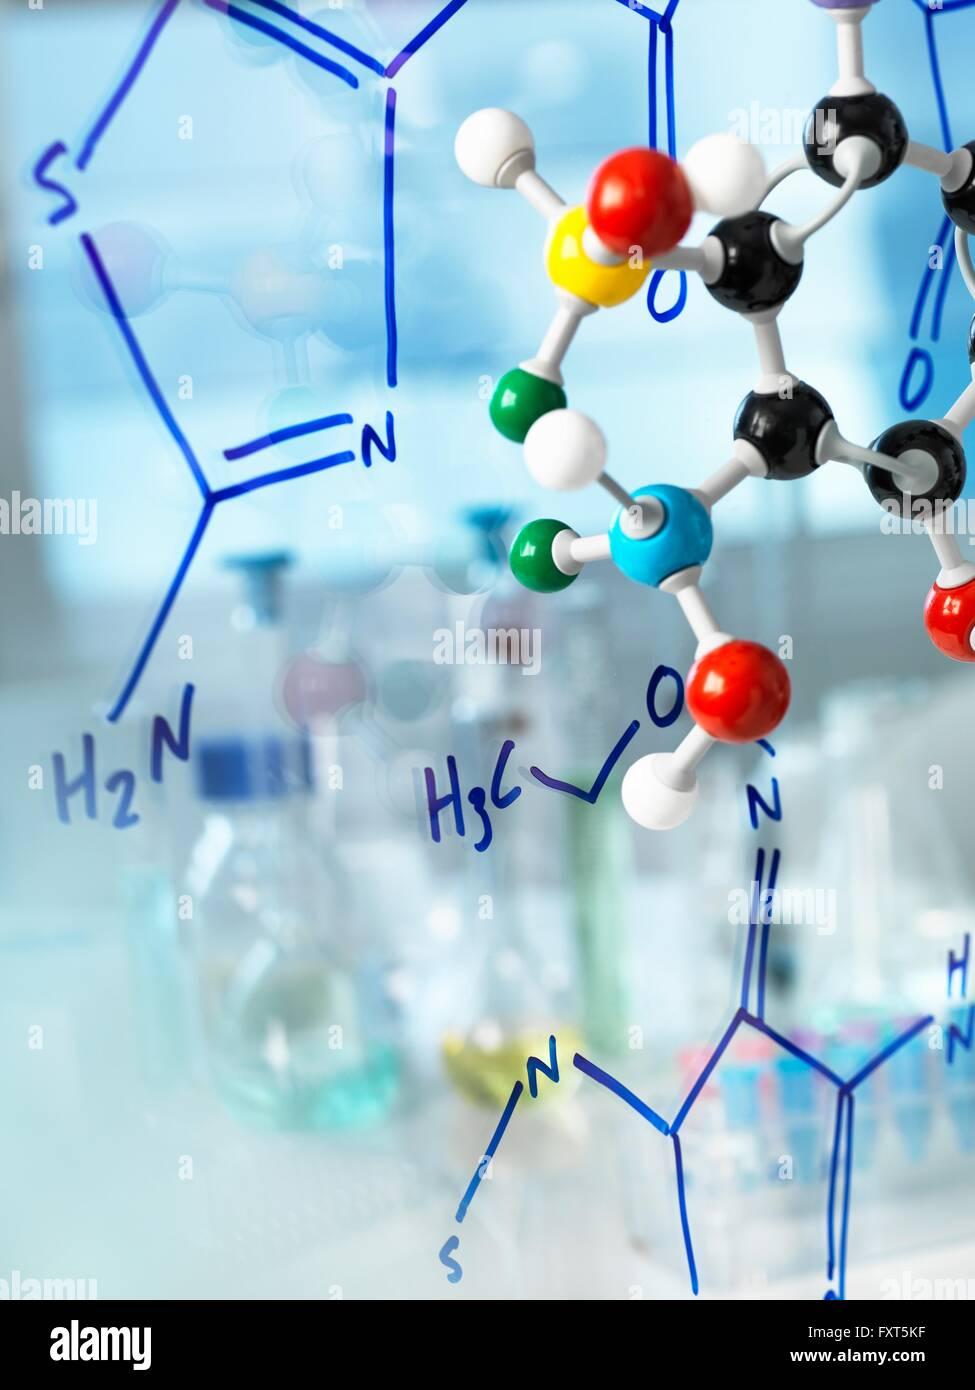 Bola y stick modelo molecular con la fórmula de nuevos fármacos escrito sobre vidrio Imagen De Stock